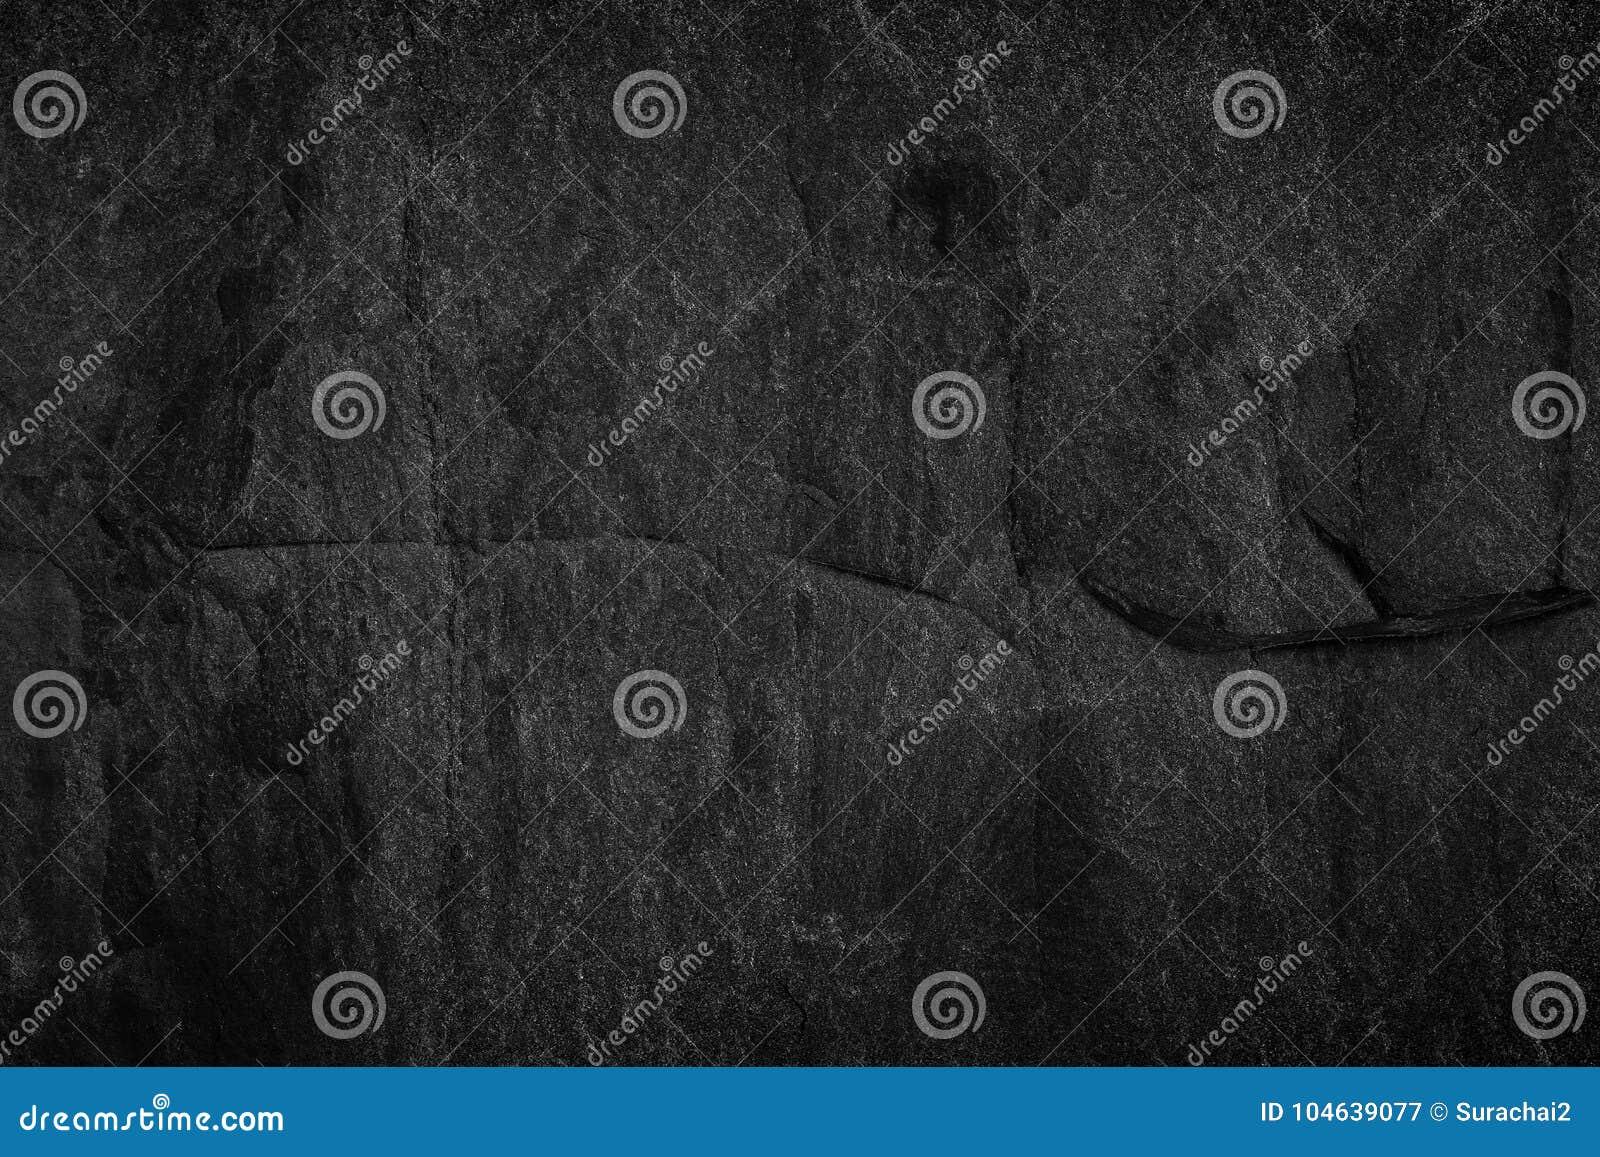 Download Donkere Grijze Zwarte Leiachtergrond Of Textuur Stock Afbeelding - Afbeelding bestaande uit verontrust, hard: 104639077